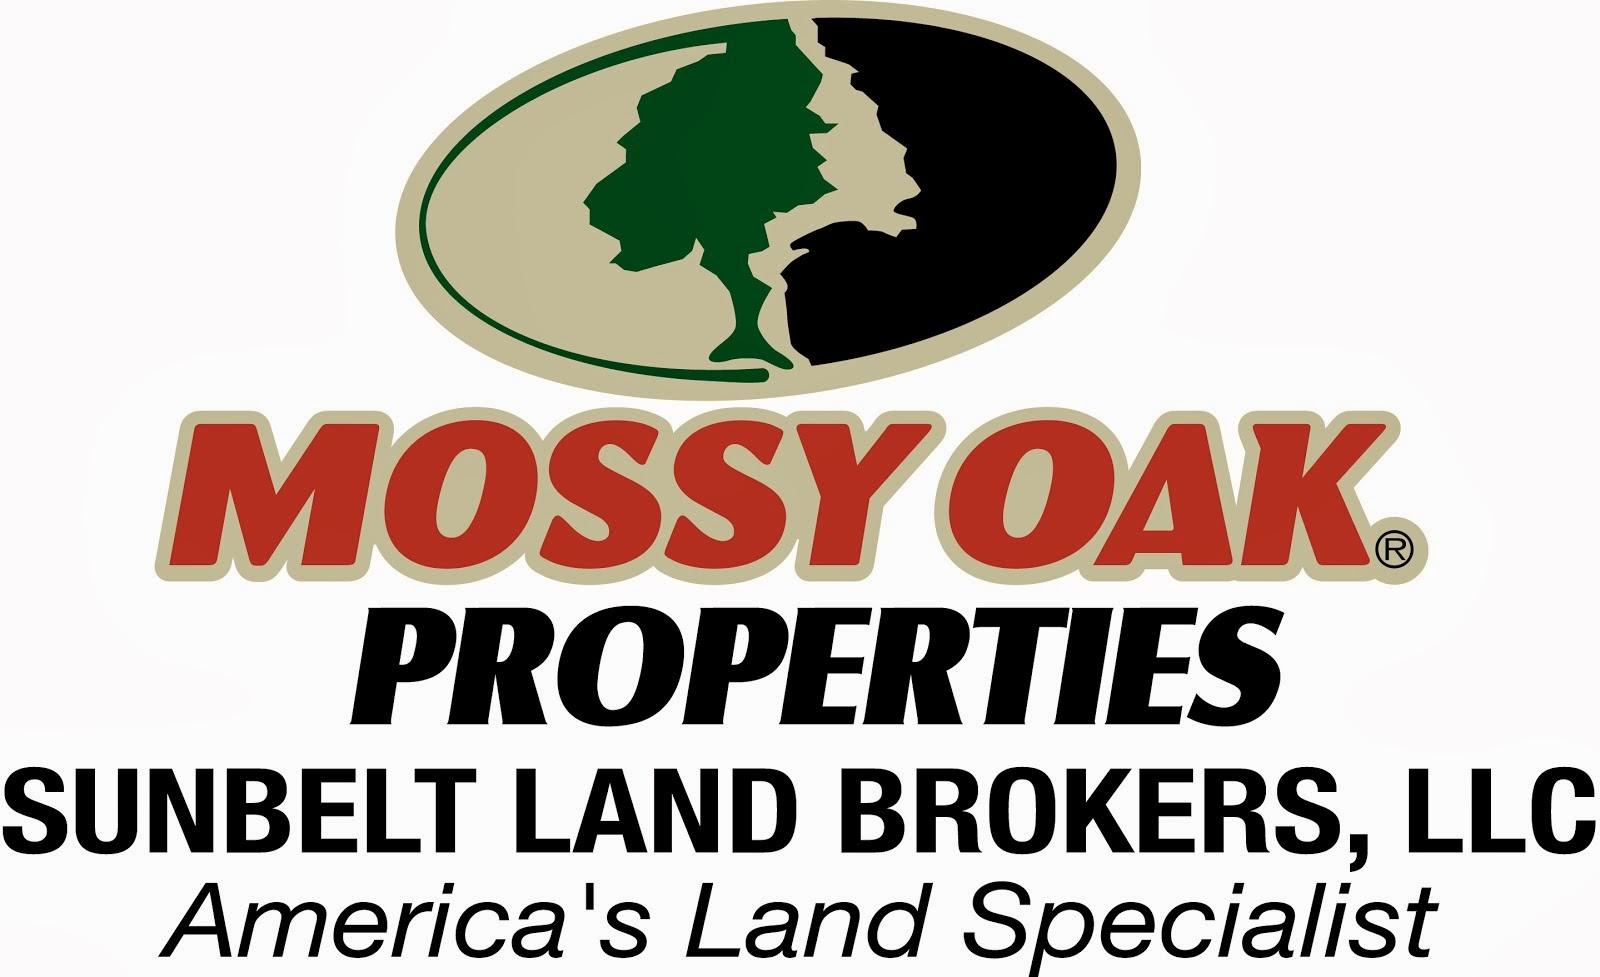 Mossy Oak Properties